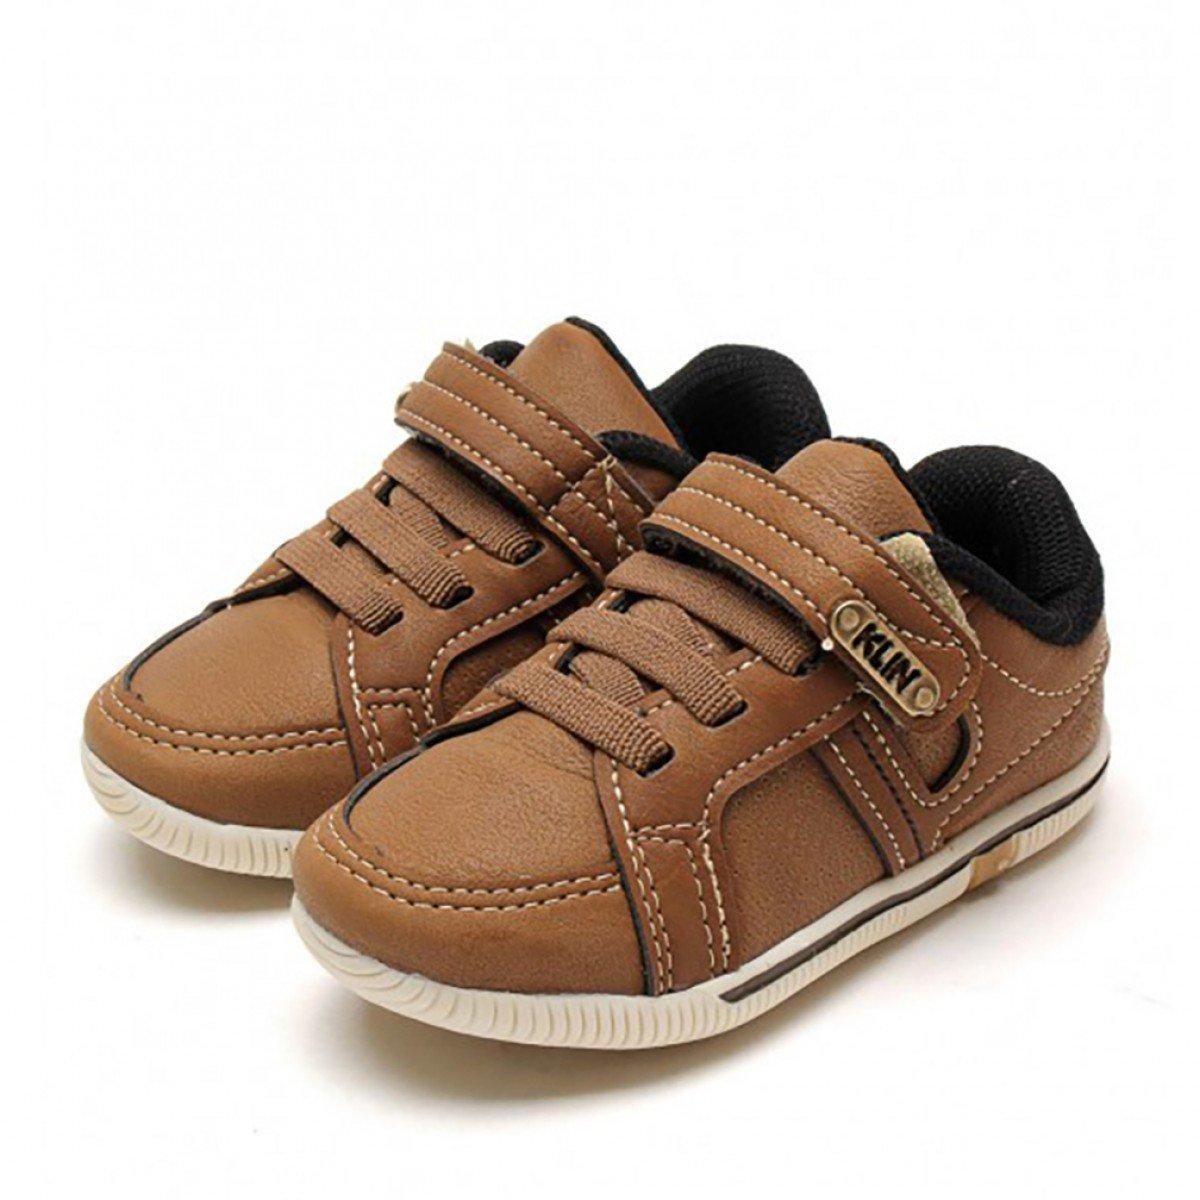 Tênis Infantil Klin Baby Flyer Caramelo - Compre Agora  ade27ba037c4d